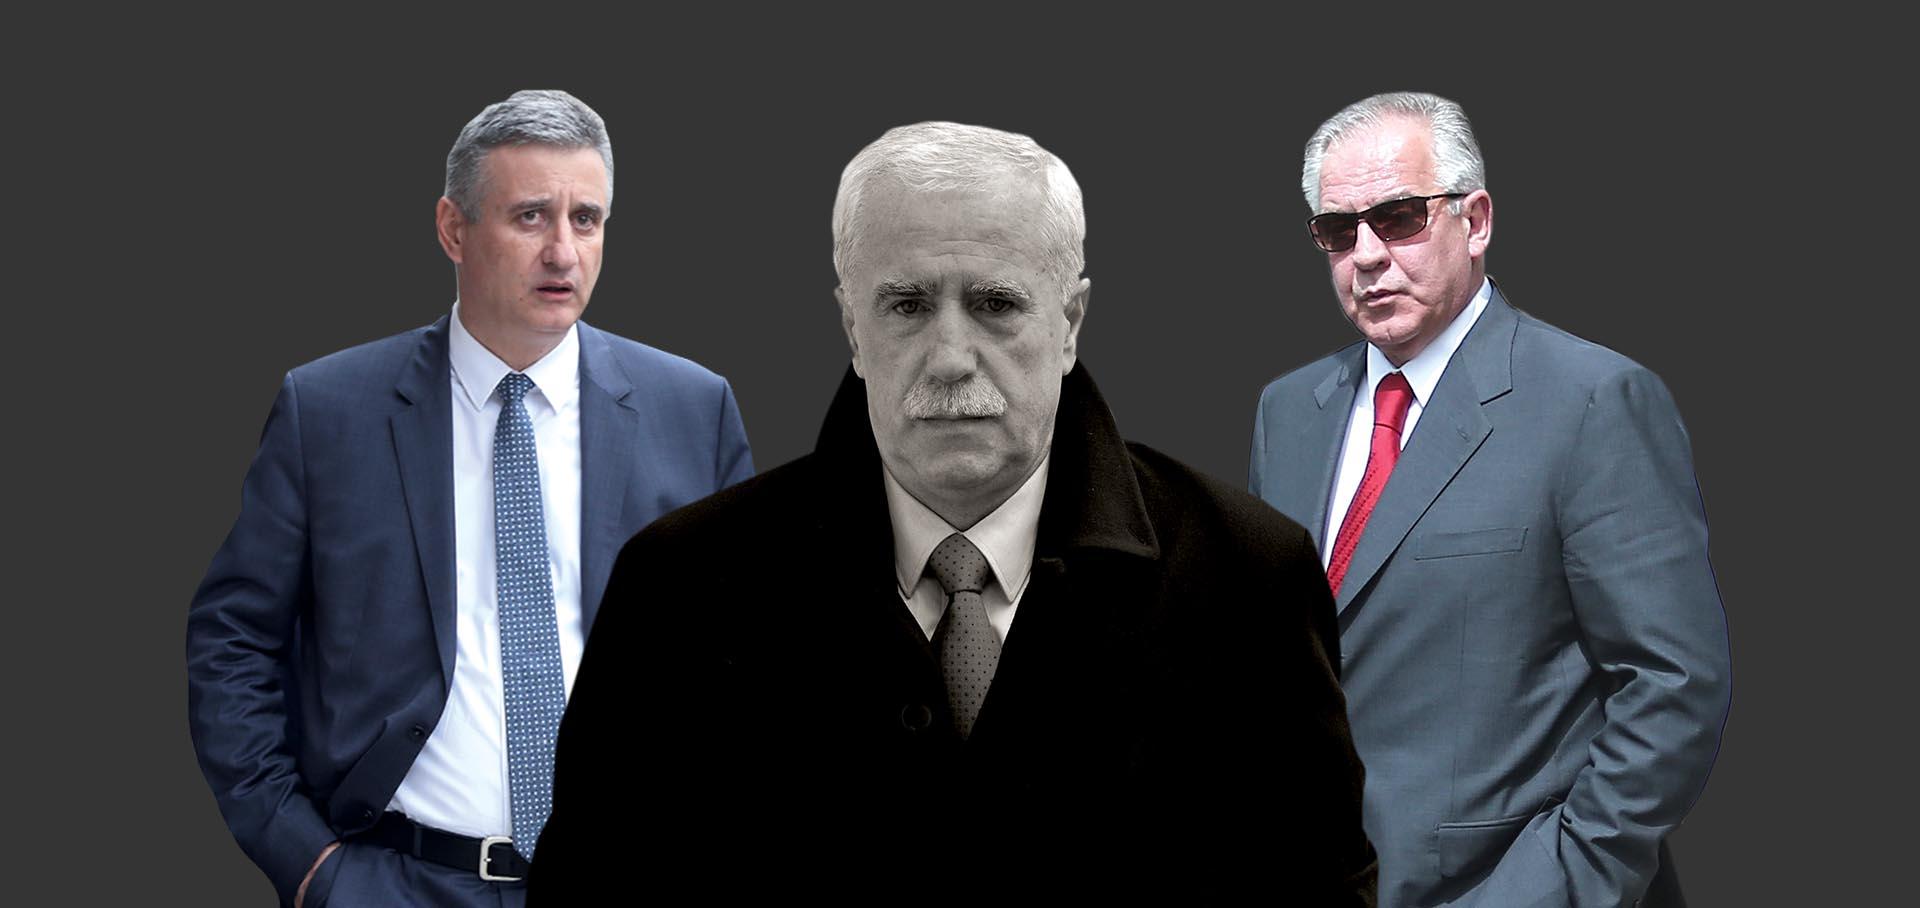 EKSKLUZIVNO 'Josip Petrović za Mol u Hrvatskoj RADI POLITIČKU ŠPIJUNAŽU'